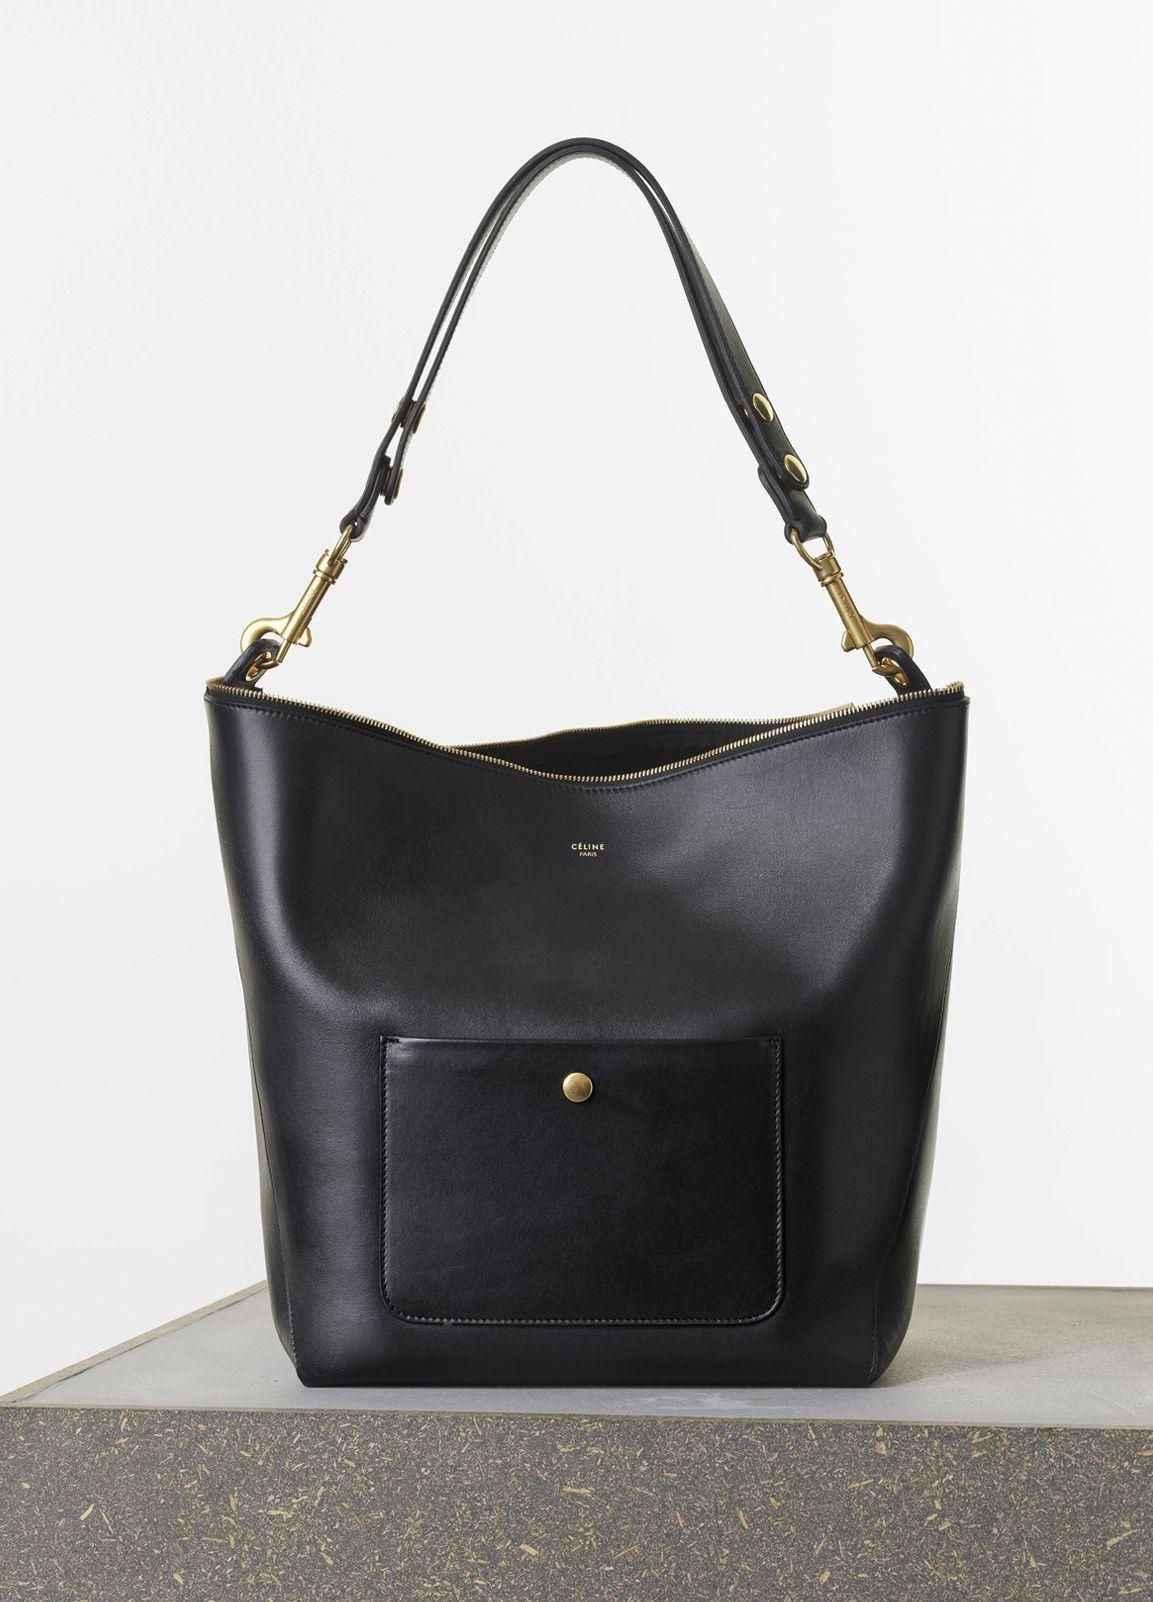 Medium Zipped Hobo Spring Summer Collection 2017 Collections Handbags CÉline